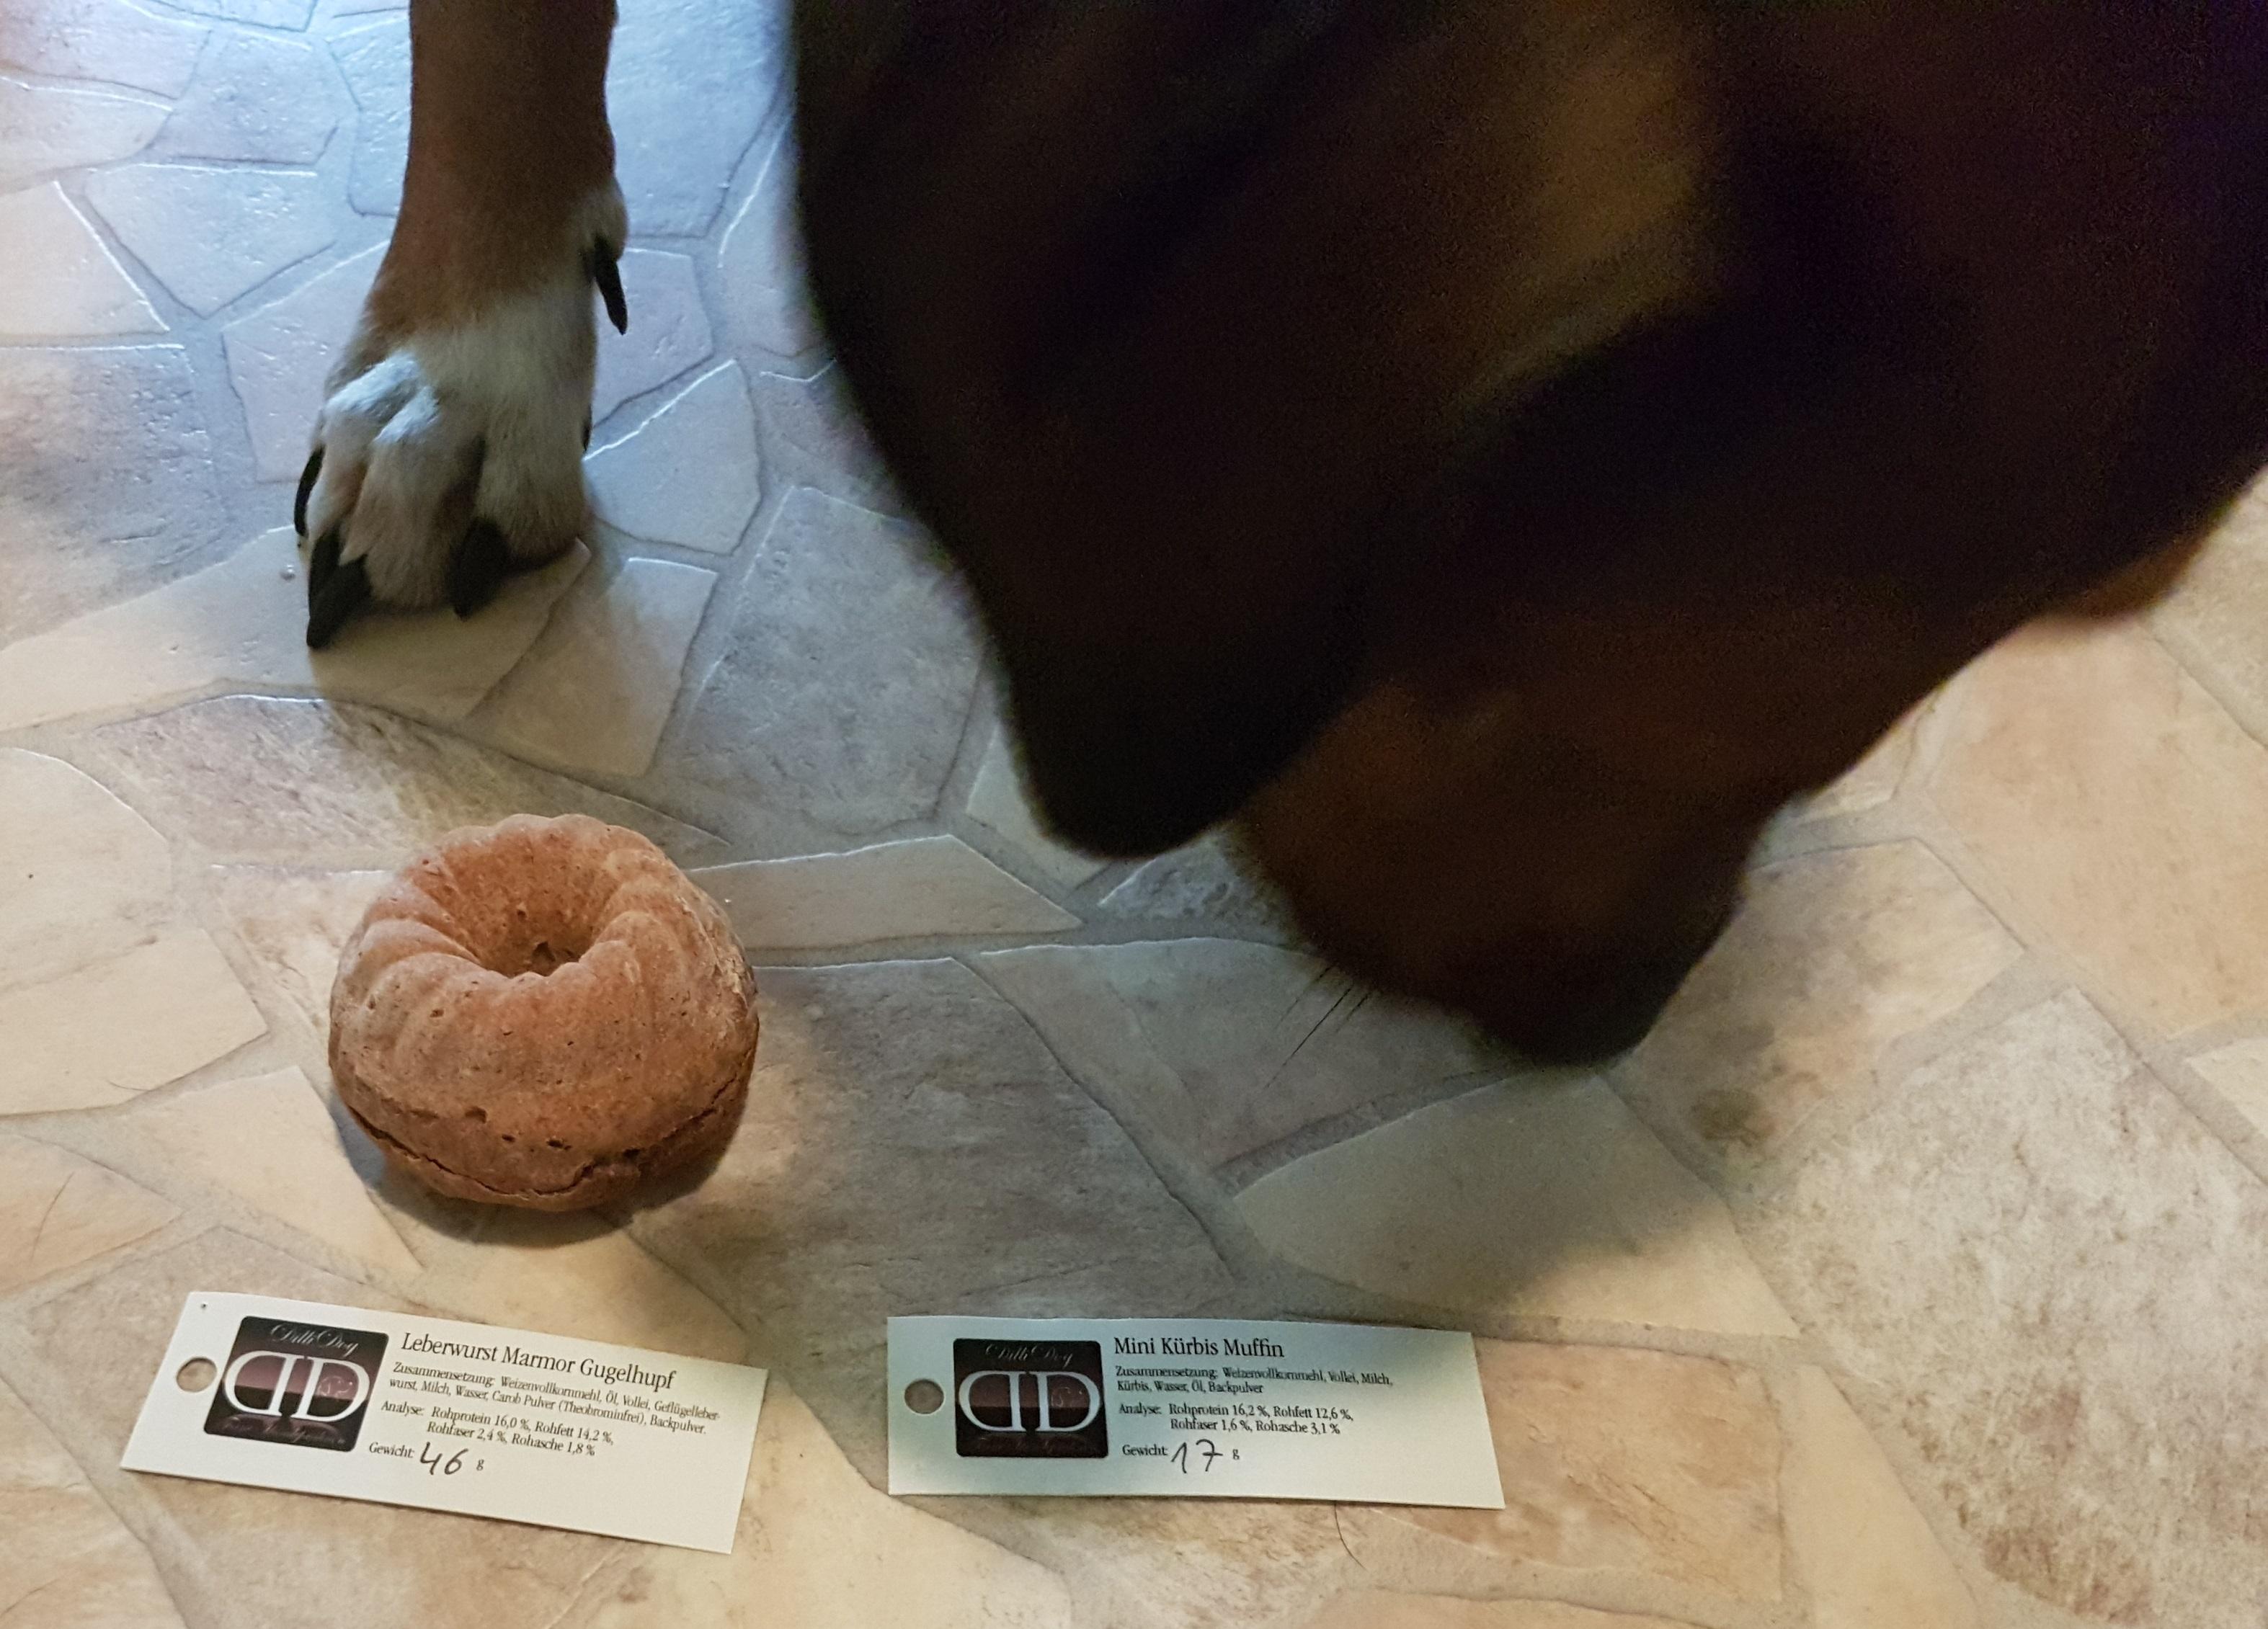 dilli-dog-leberwurst-mamor-gugelhupf-mini-kuerbis-muffin-happs-und-weg